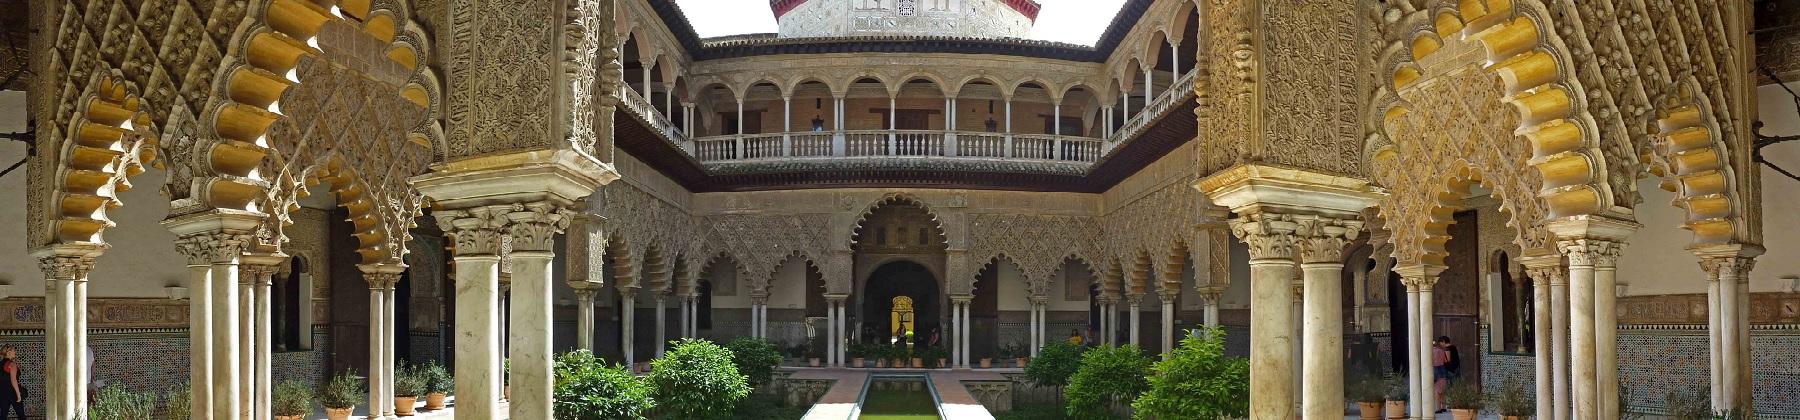 Visita guiada a la Catedral y Alcazar